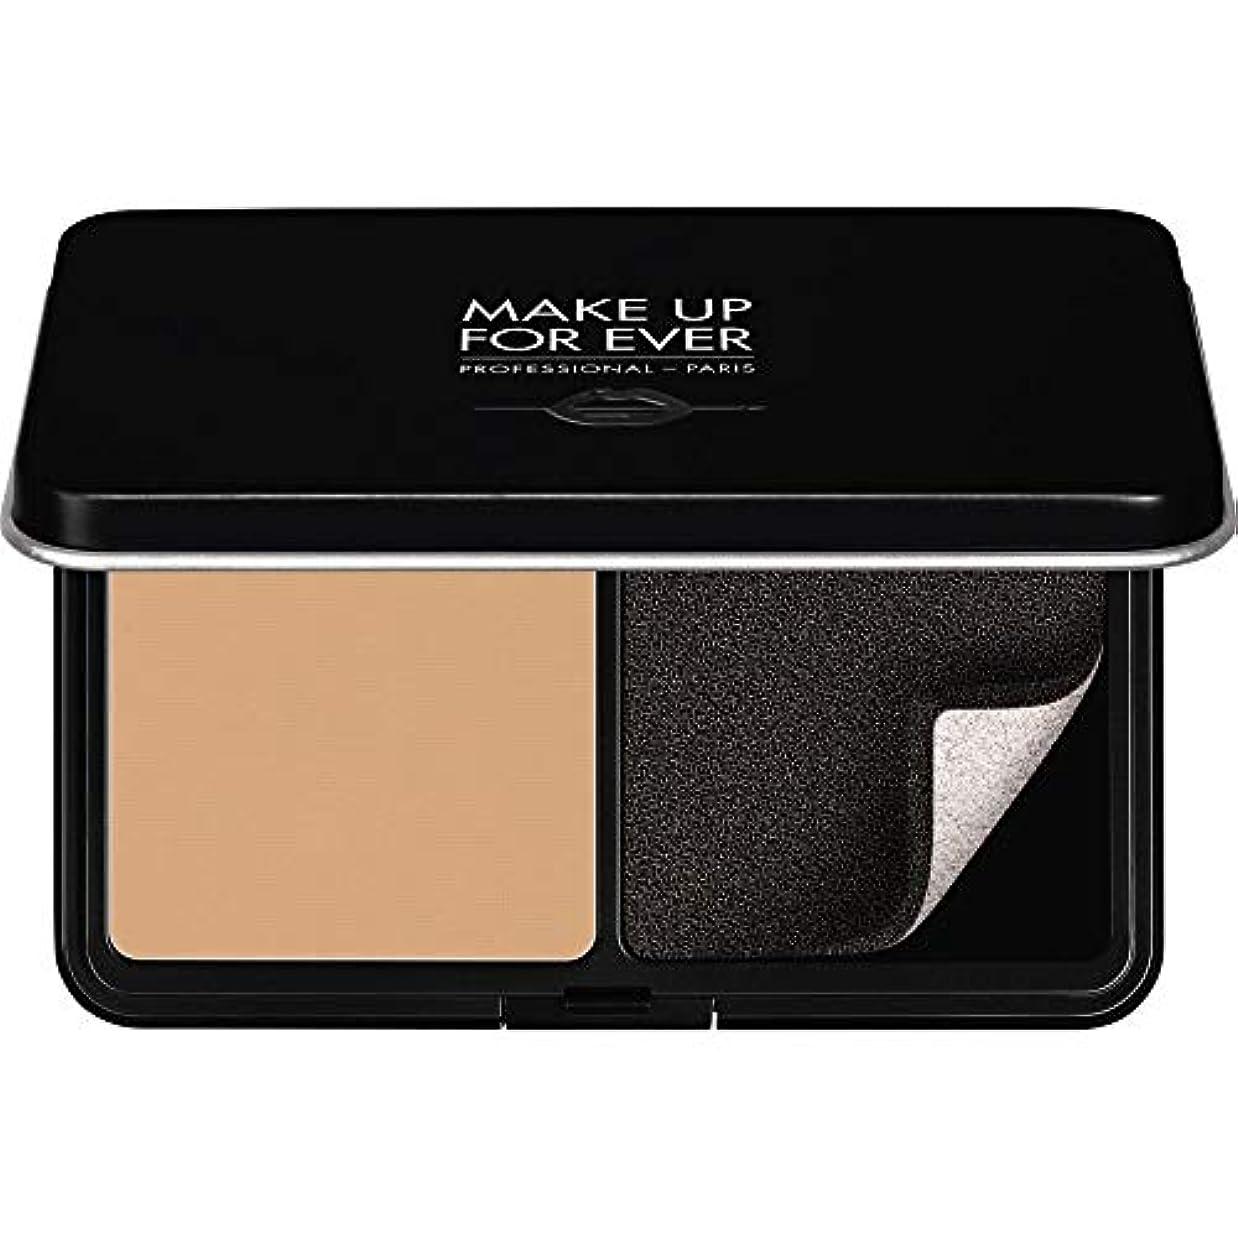 ハウスレイアウトキャンペーン[MAKE UP FOR EVER ] ニュートラルベージュ - パウダーファンデーション11GののY355をぼかし、これまでマットベルベットの肌を補います - MAKE UP FOR EVER Matte Velvet Skin Blurring Powder Foundation 11g Y355 - Neutral Beige [並行輸入品]